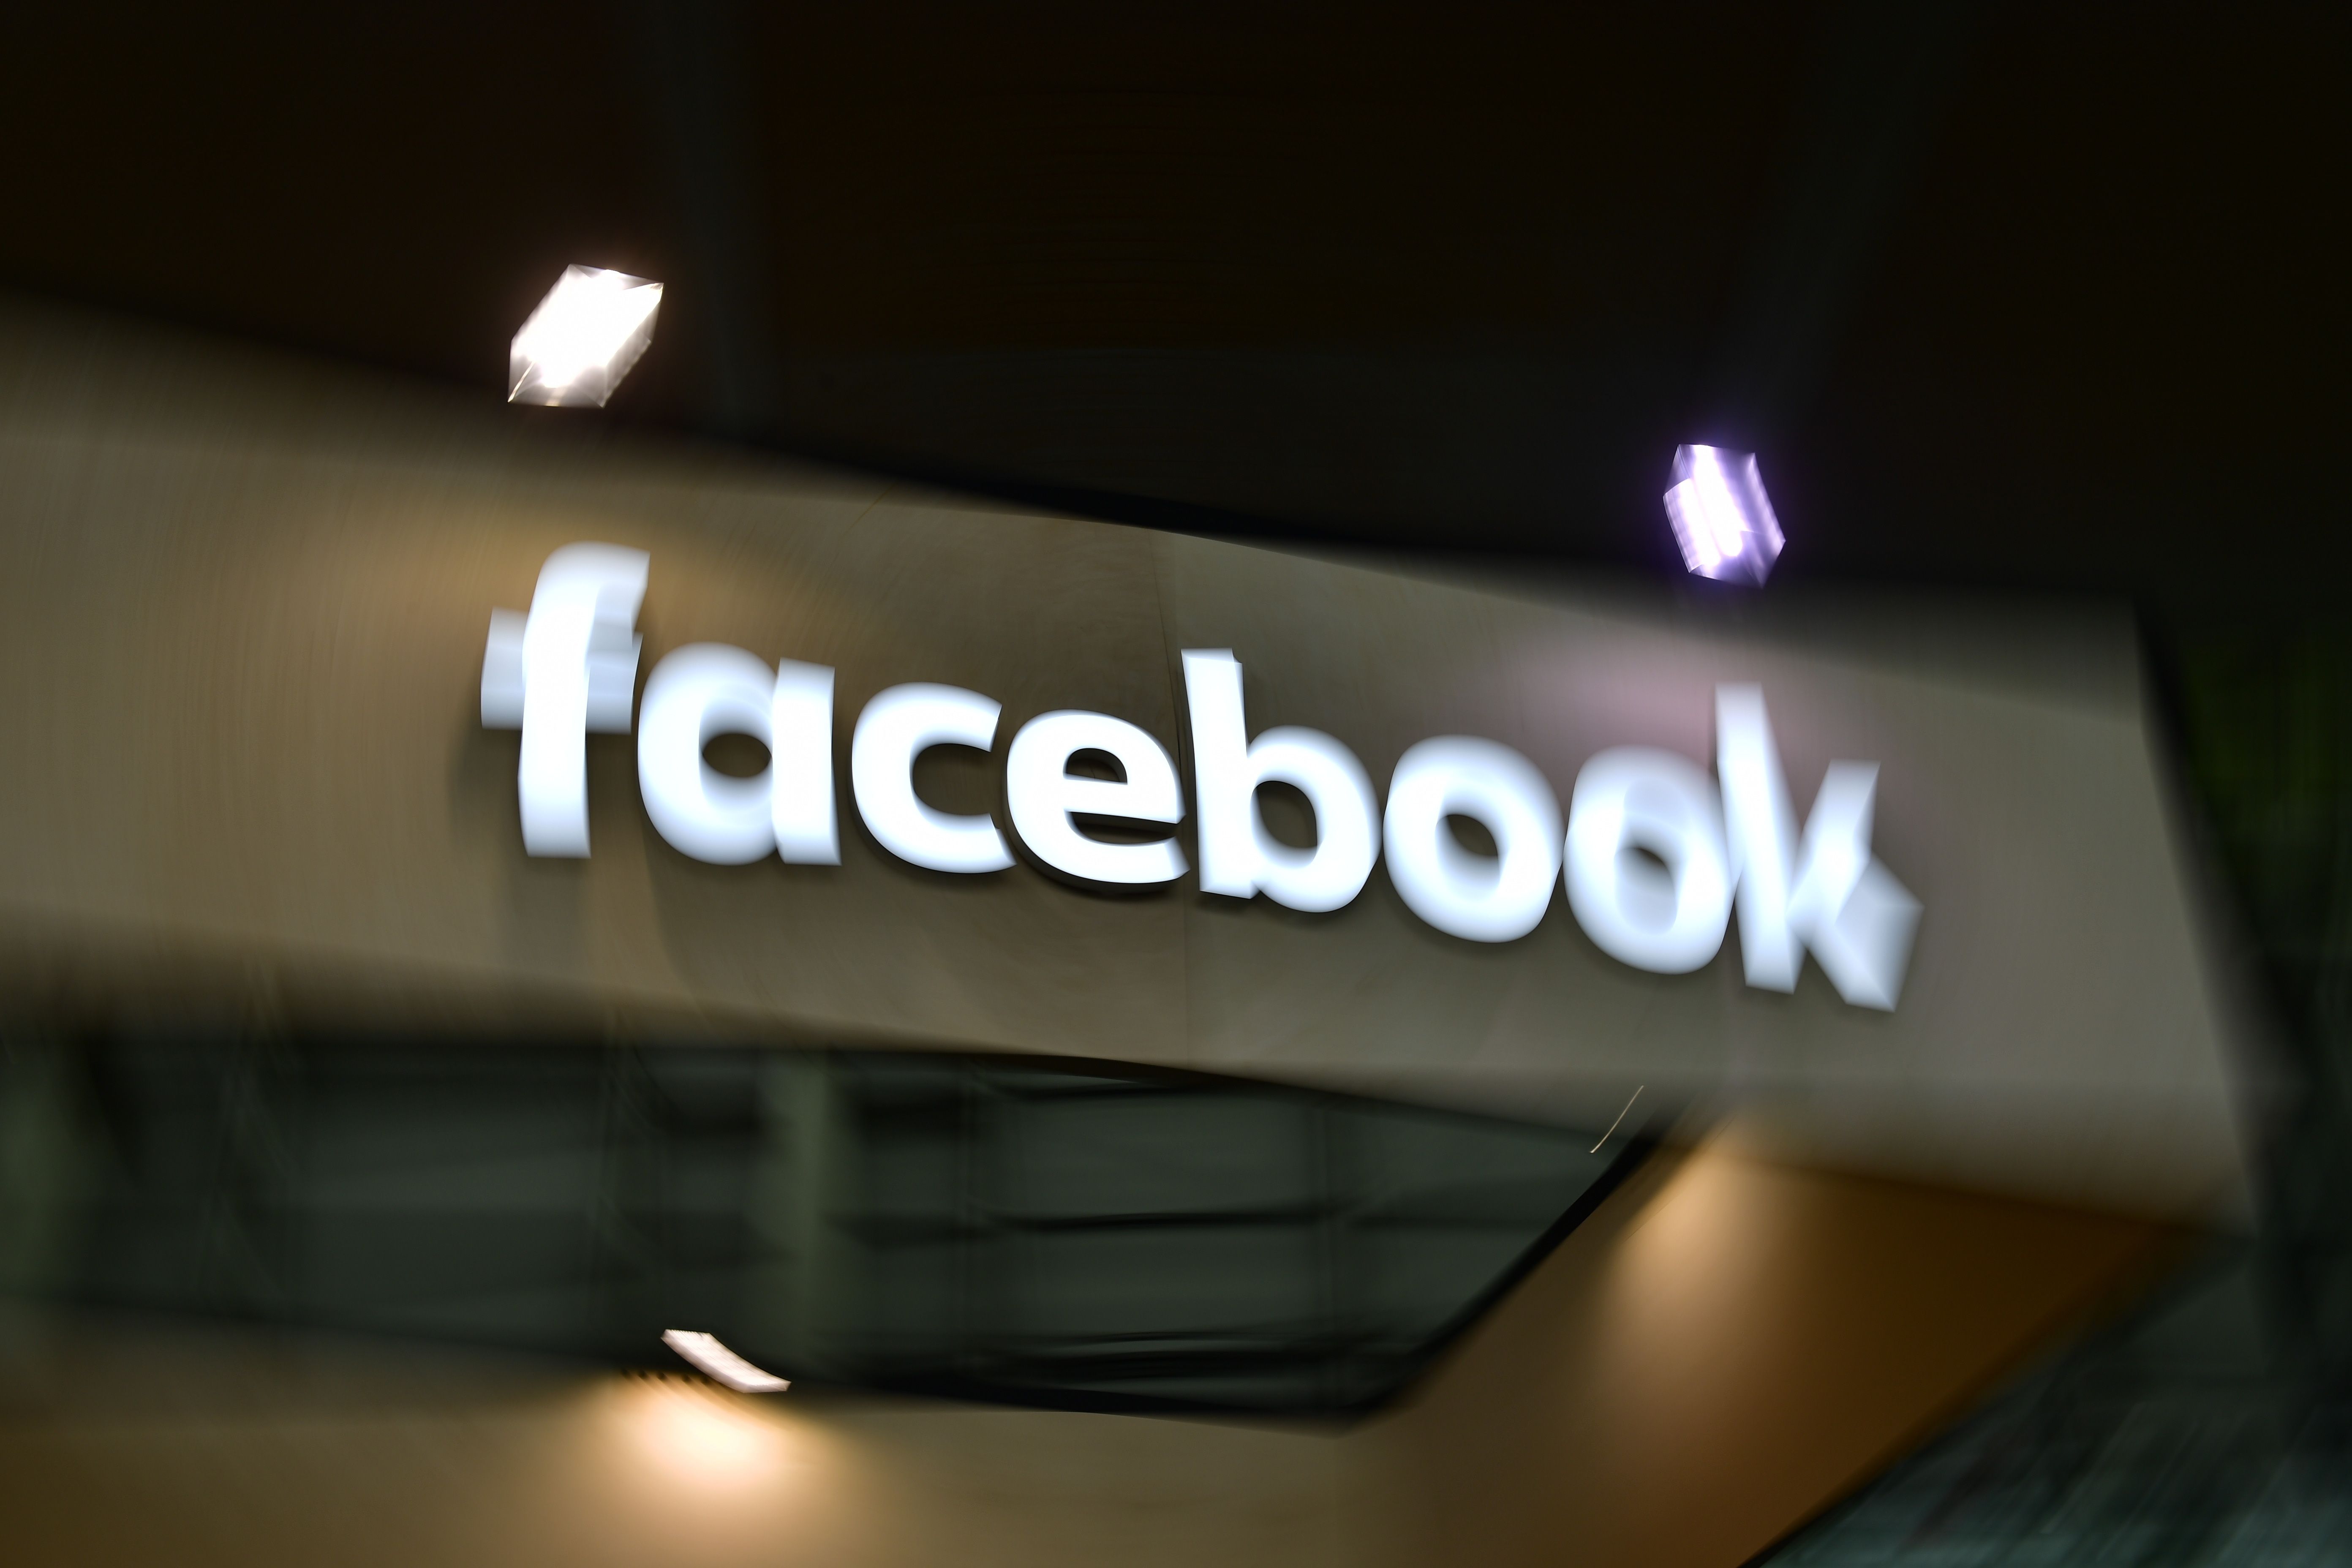 A Facebook sign at a trade show.